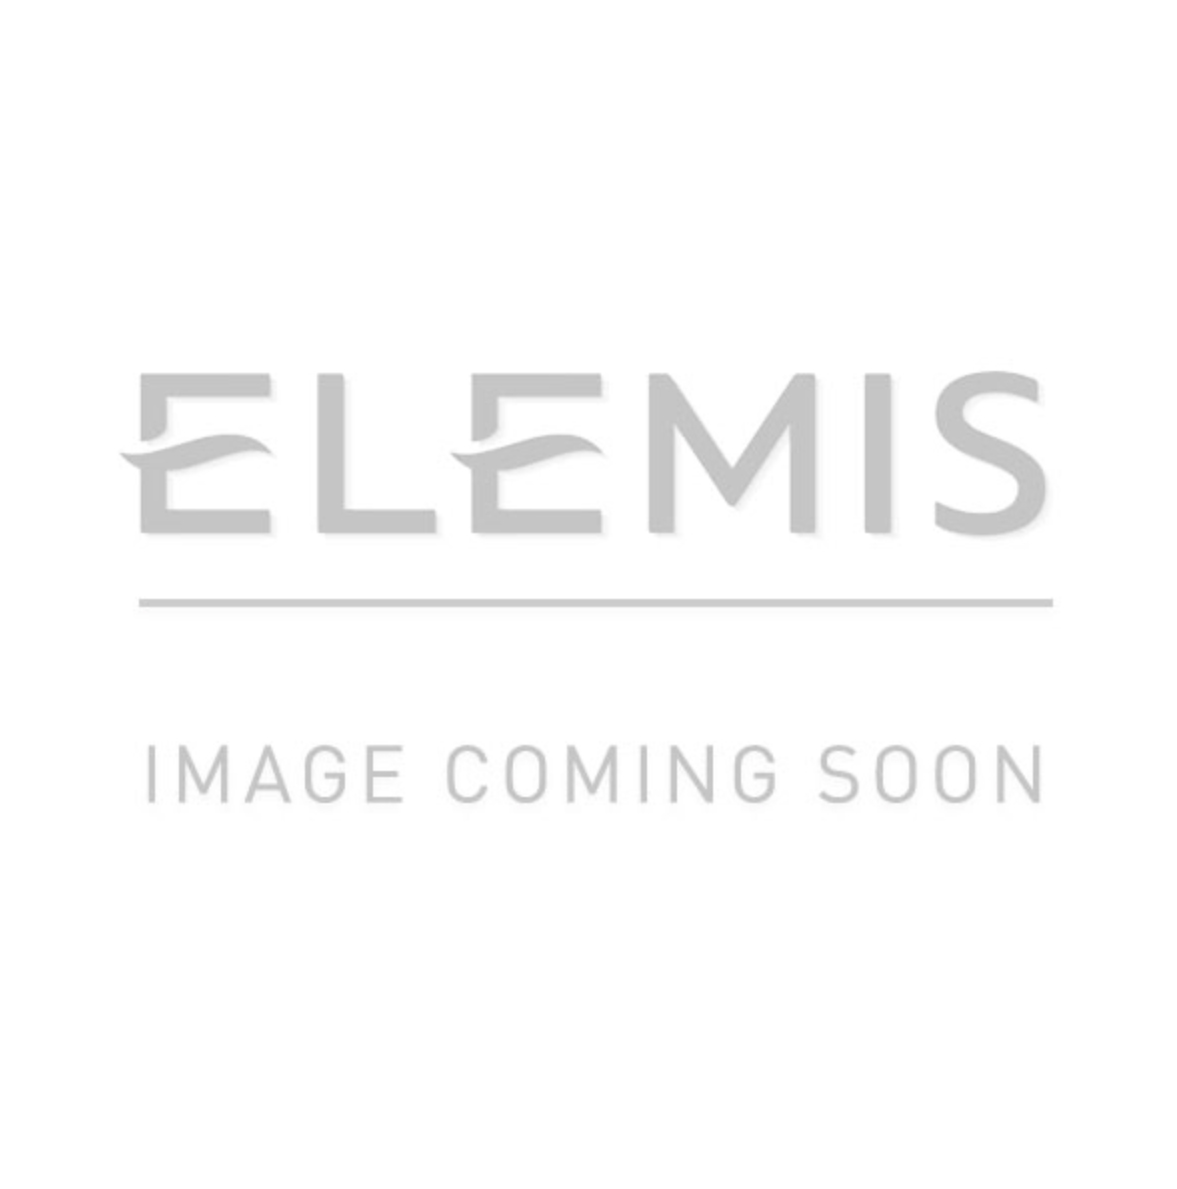 Elemis Gift Vouchers And Cards Buy Online Voucher Com E